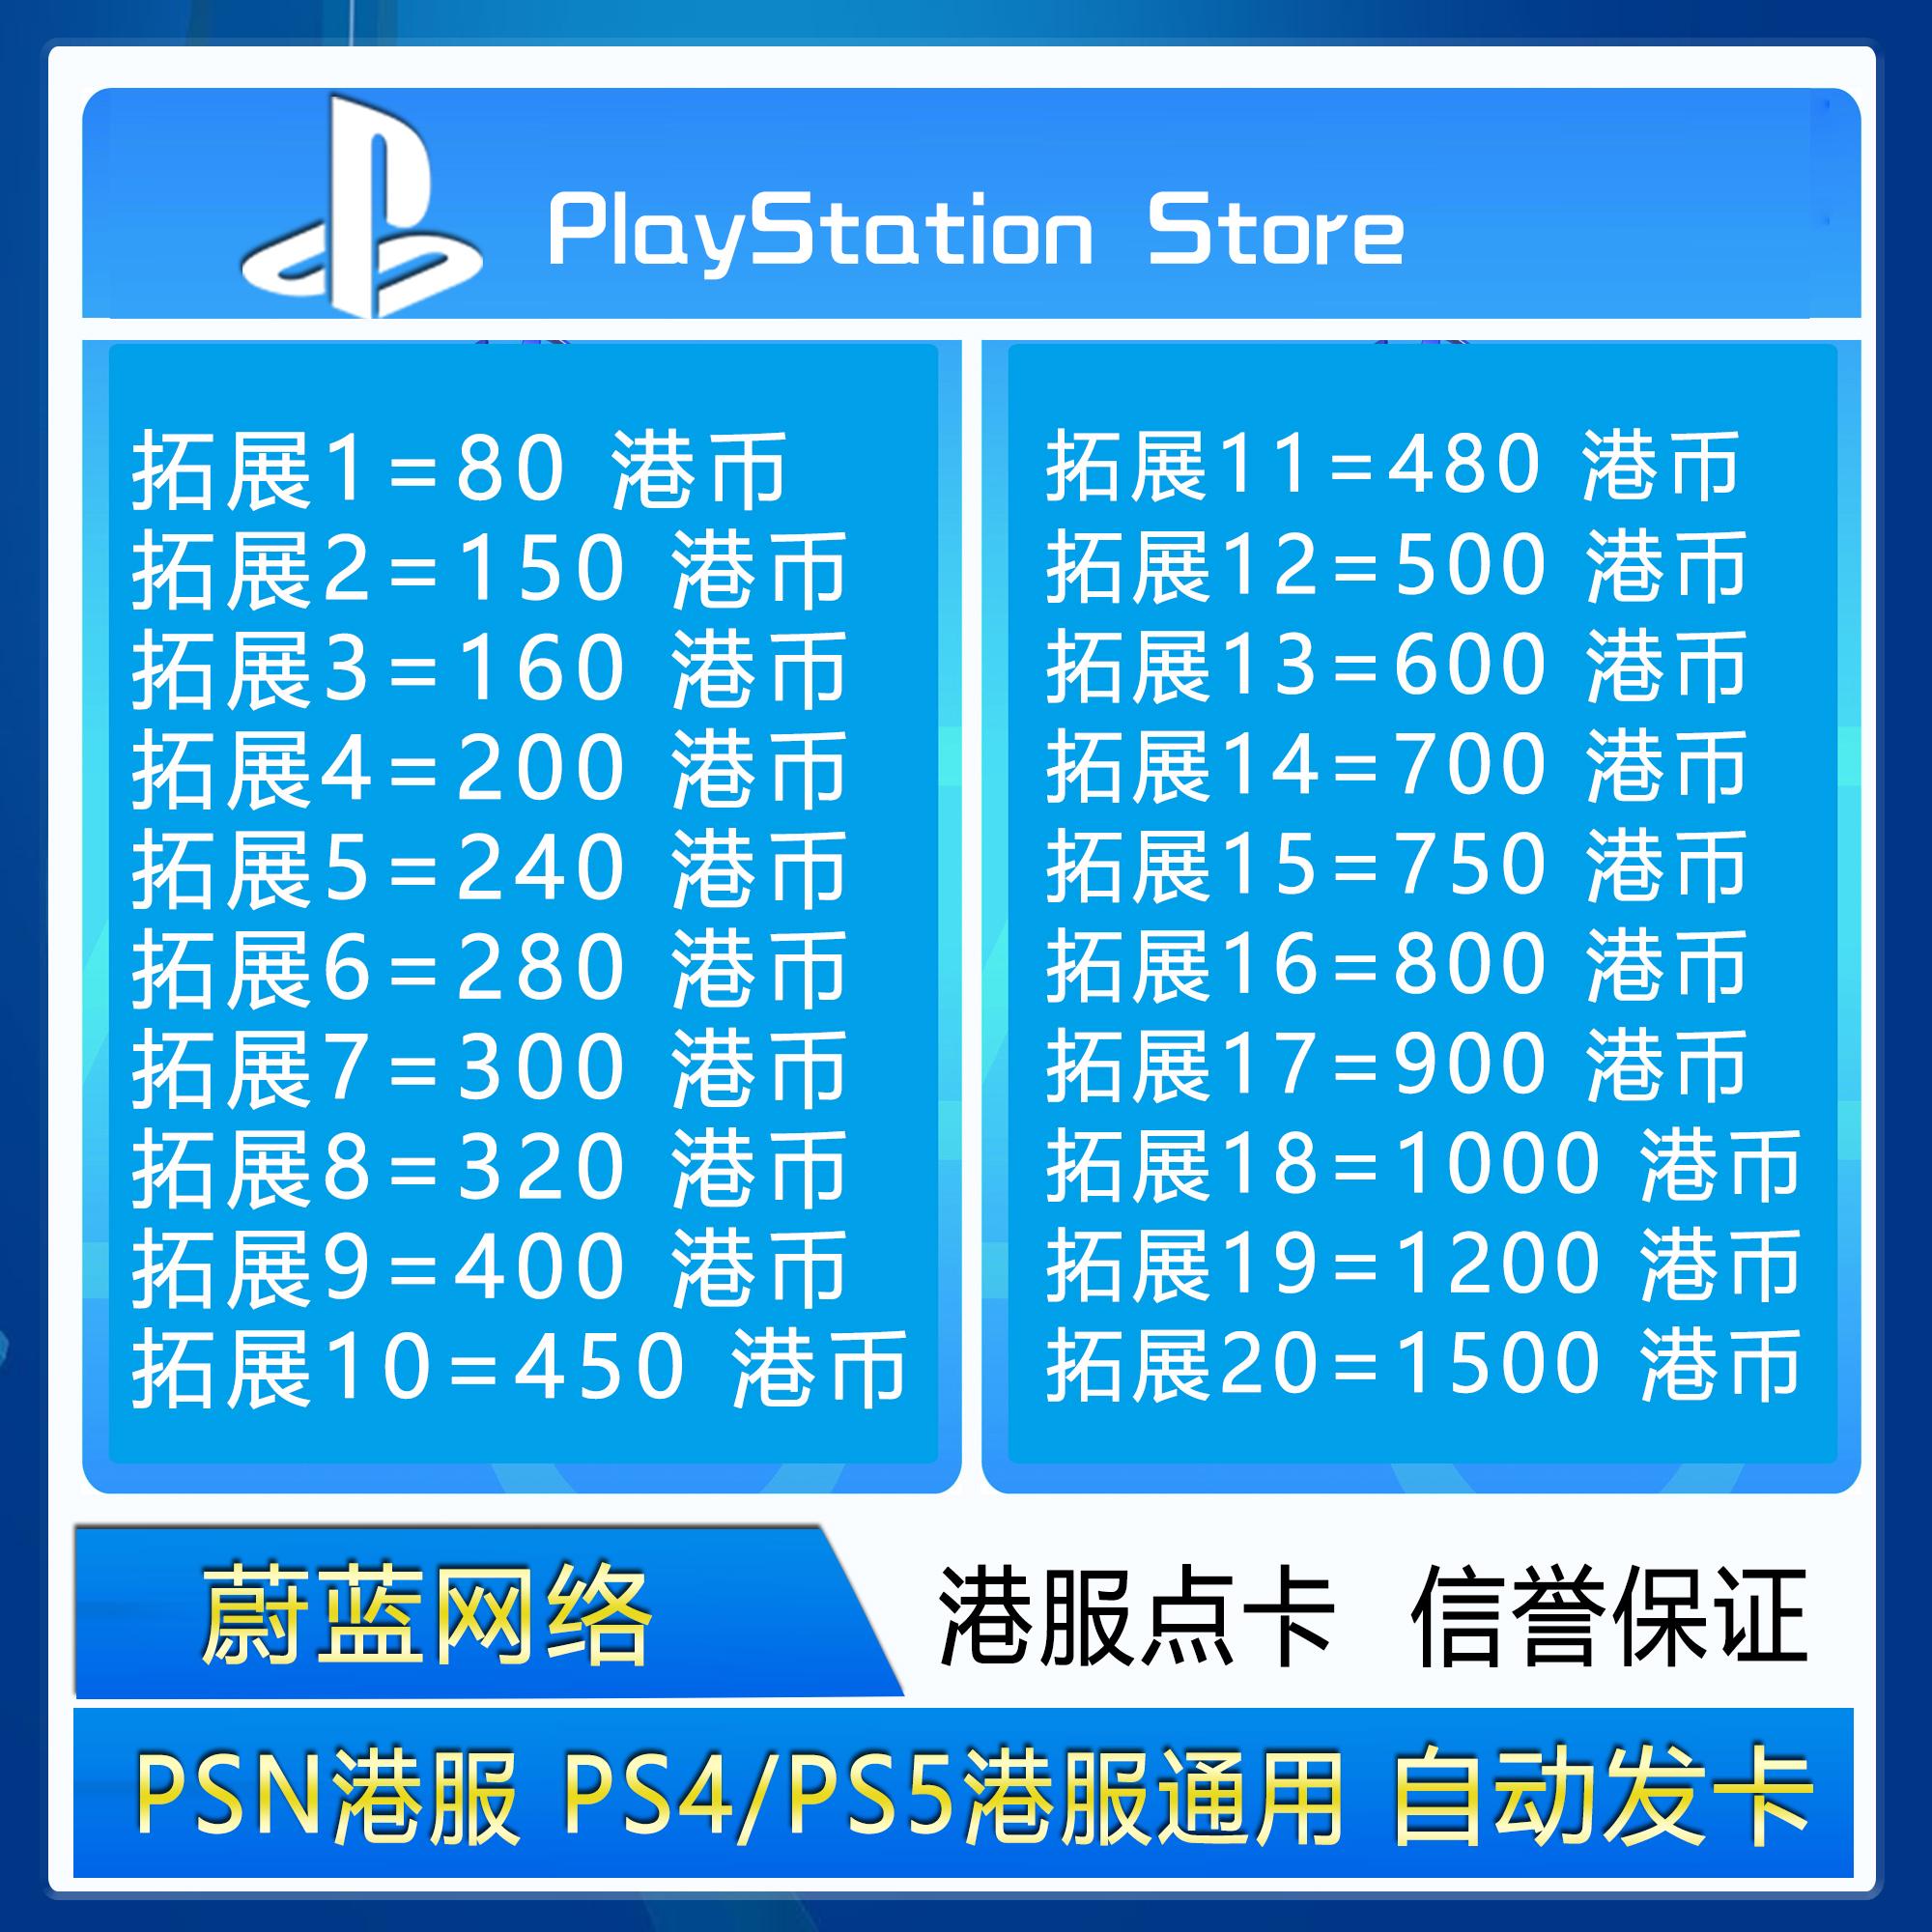 PSN港服点卡80 200 400 300 500 600 750 800 充值卡 PS4 PS5